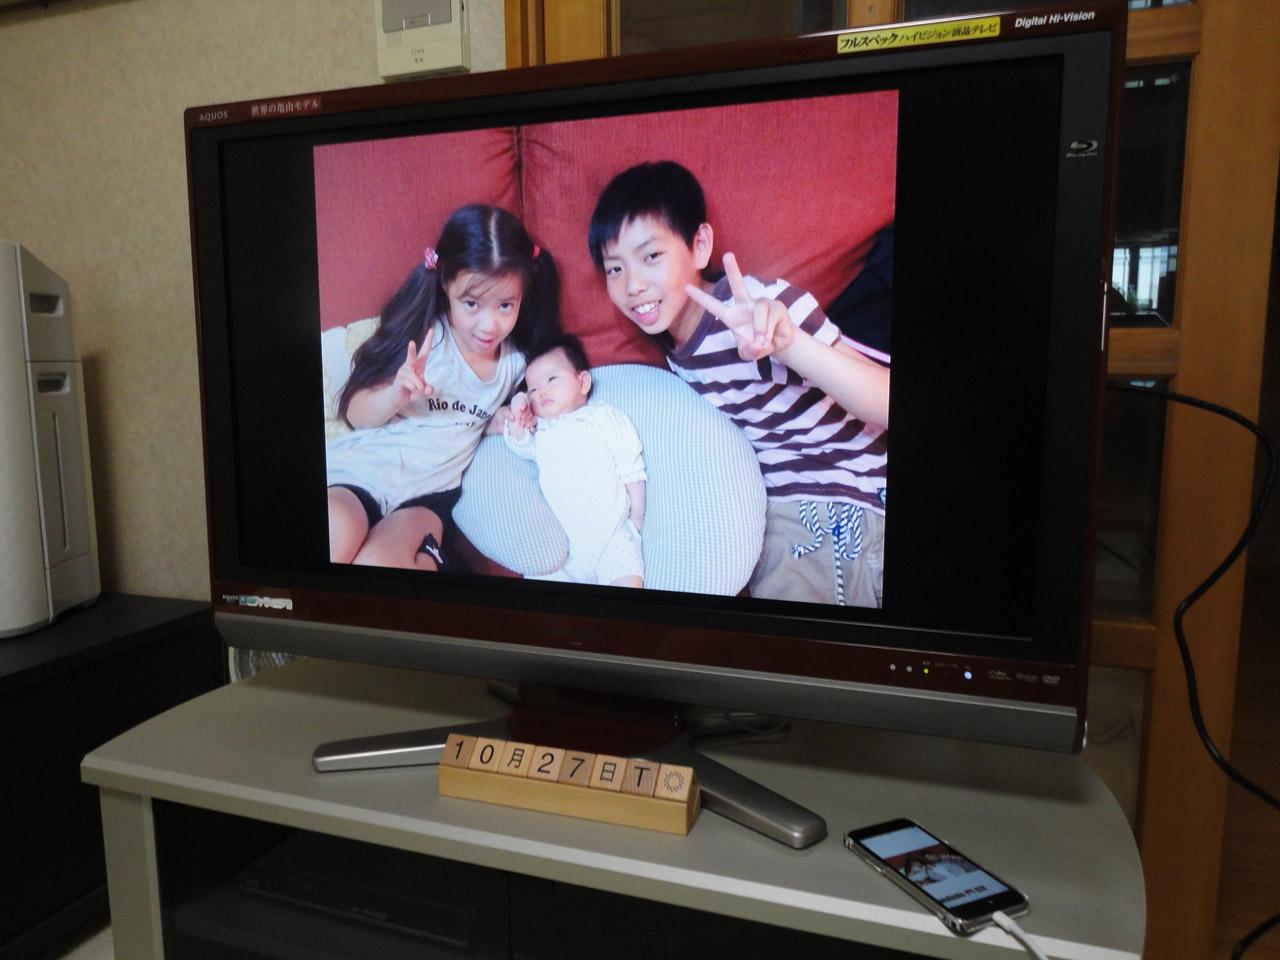 テレビ 映像 に 映す の を スマホ